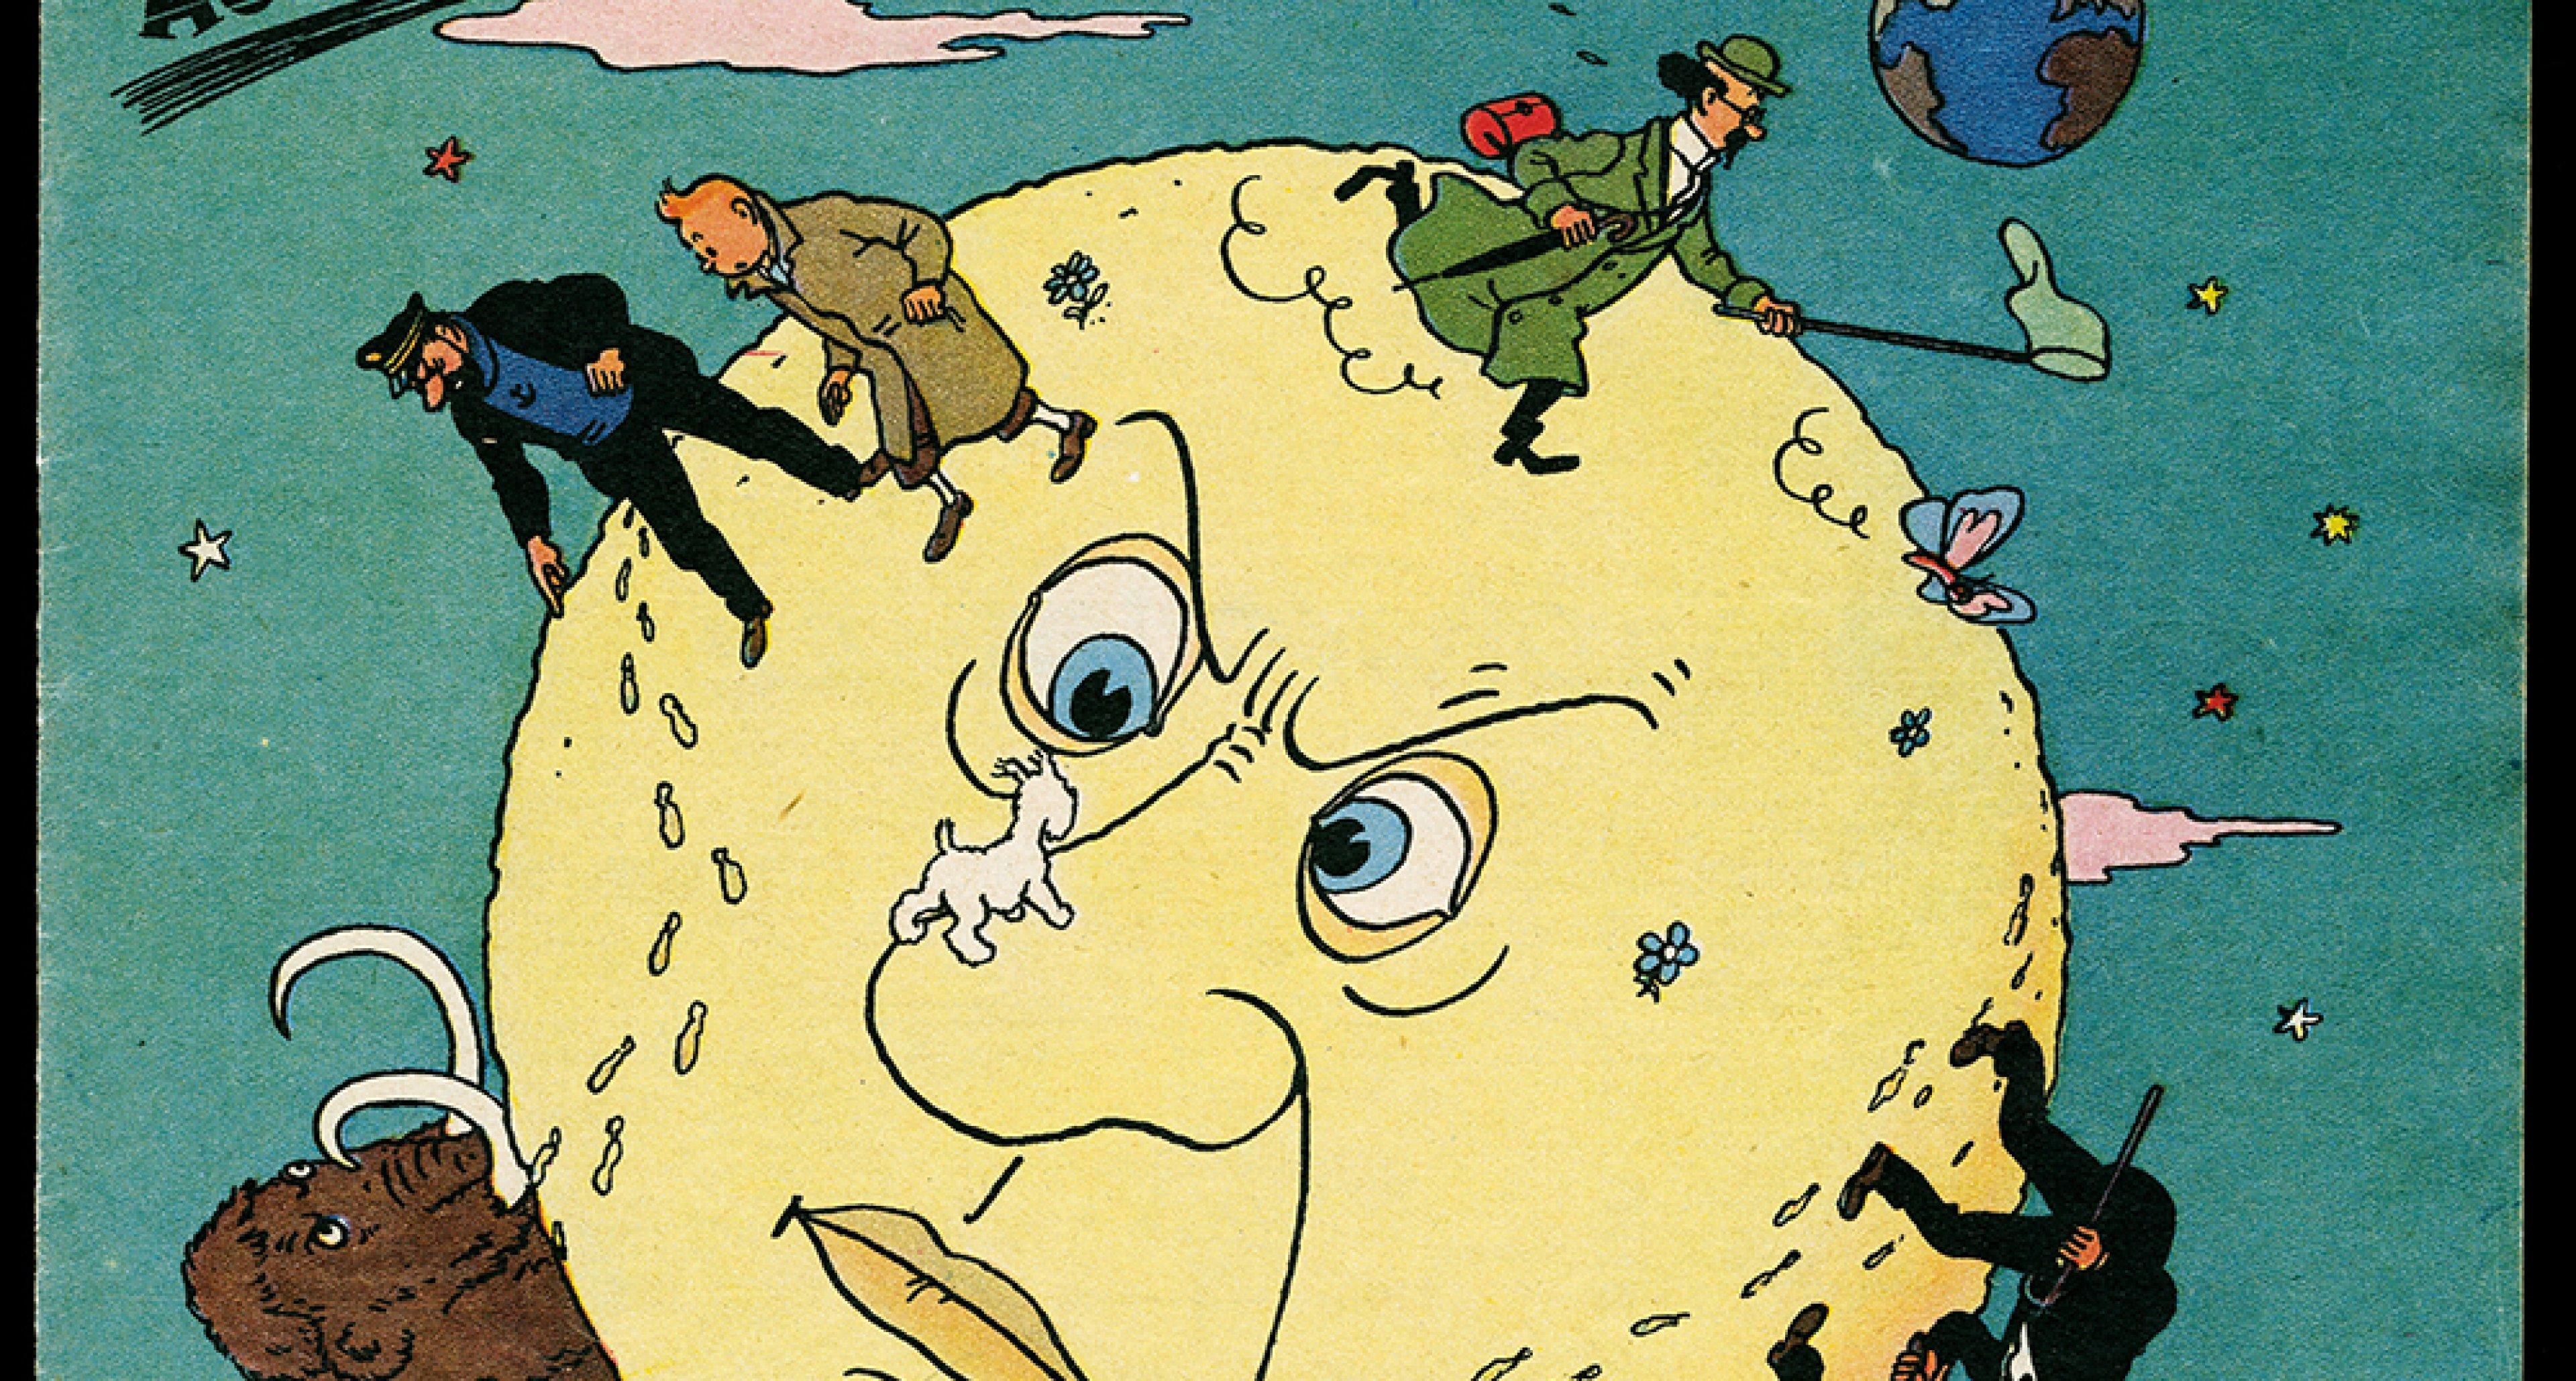 """Hergé """"Les Aventures de Tintin - Objectif Lune"""" 1950. © Hergé/Moulinsart 2016"""